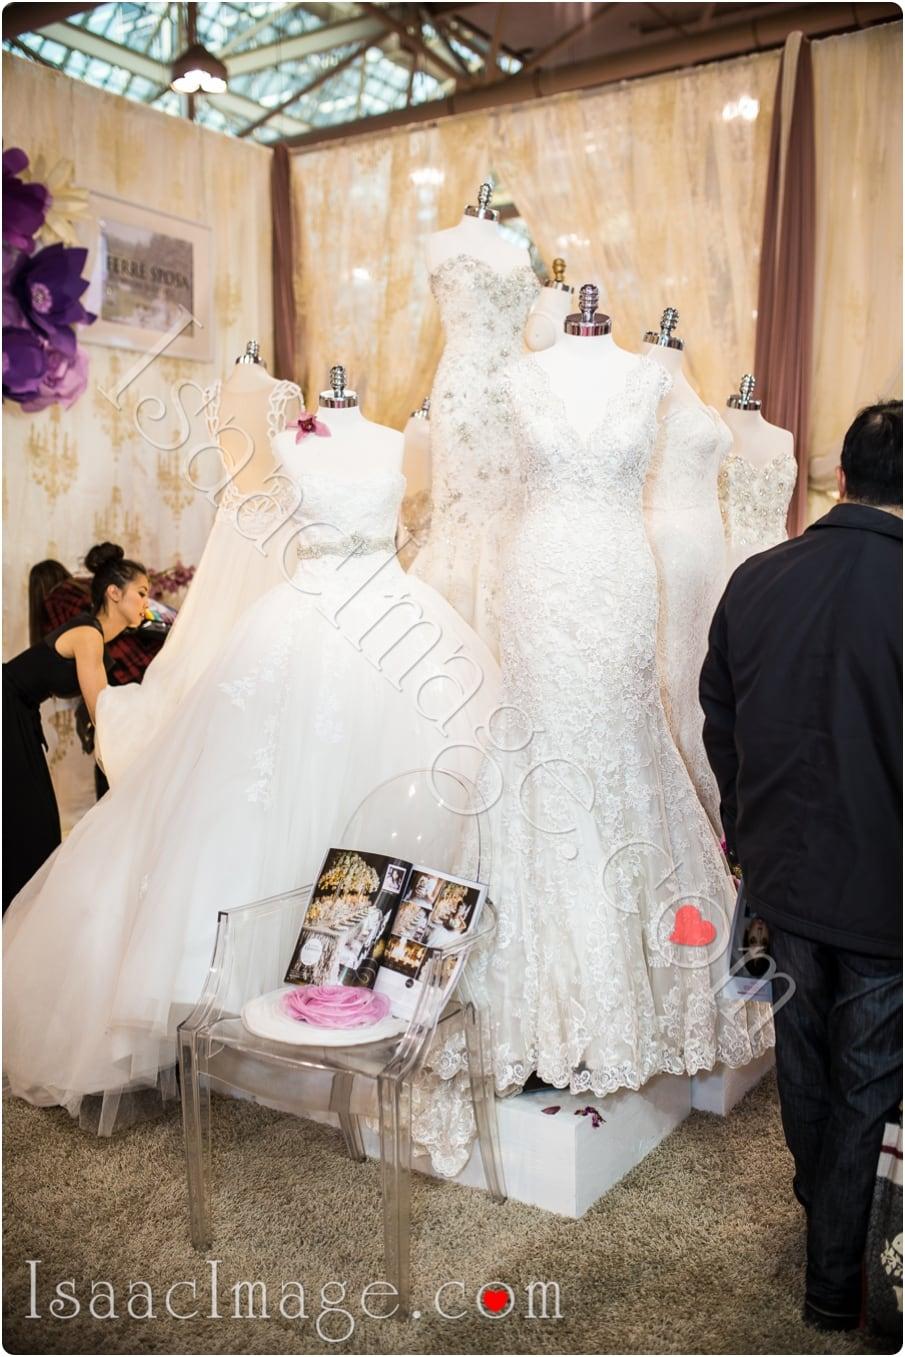 _IIX2568_canadas bridal show isaacimage.jpg